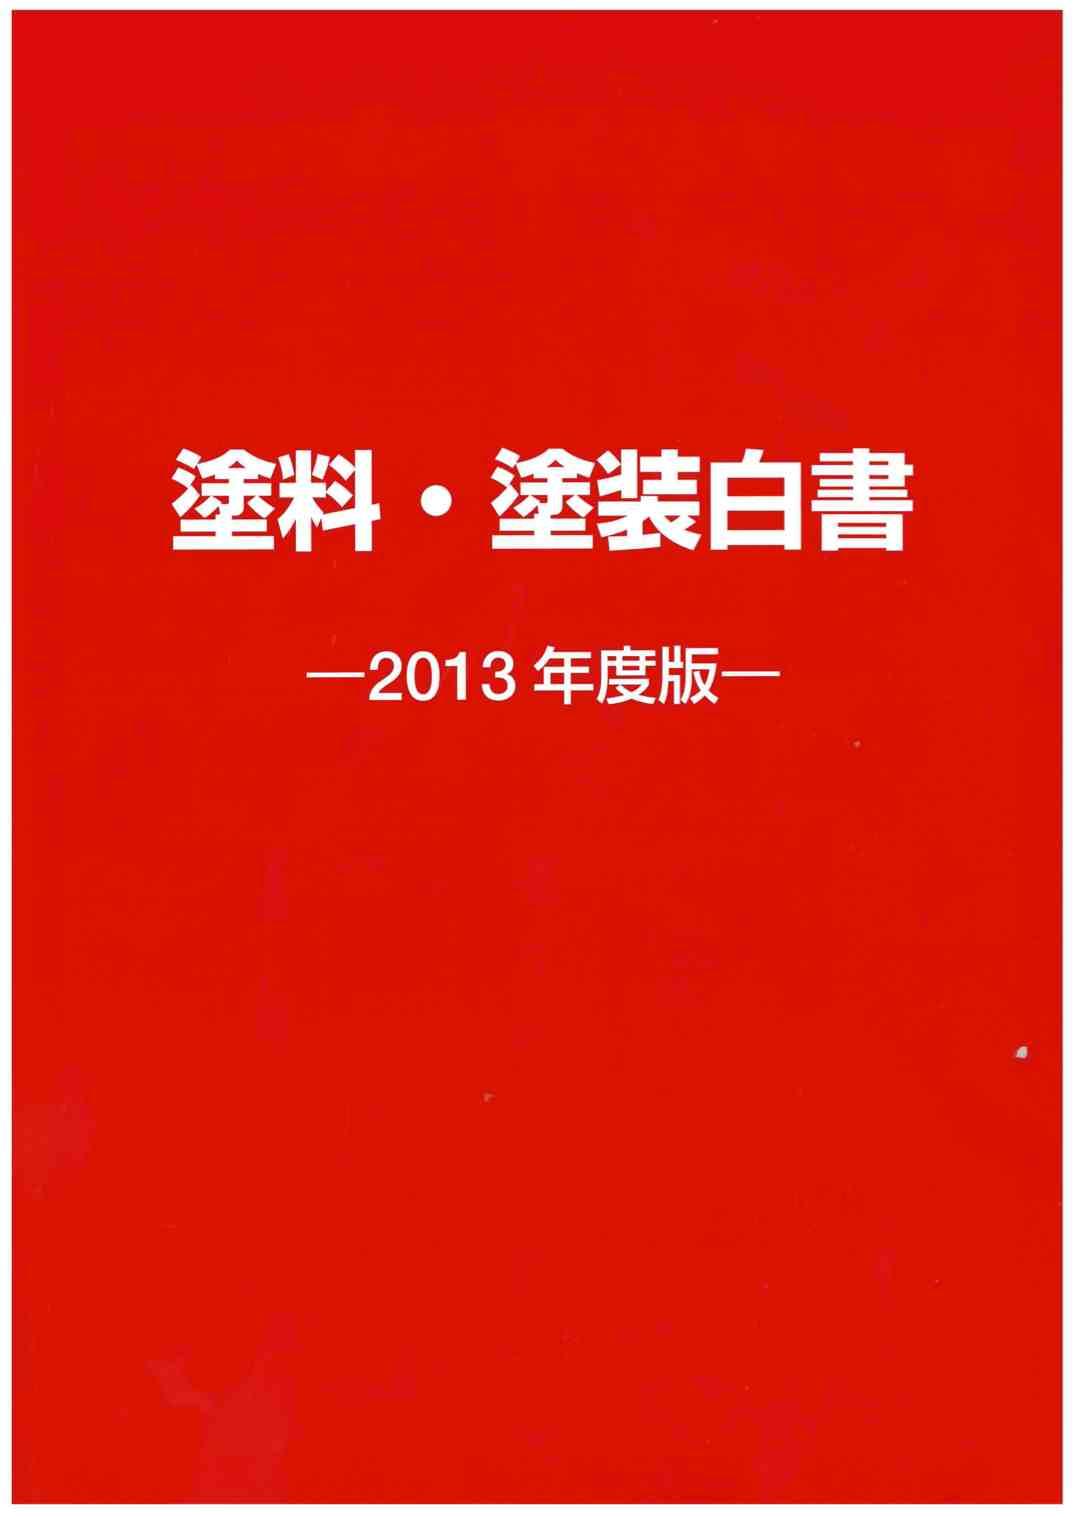 2013年度版 塗料・塗装白書に掲載されております